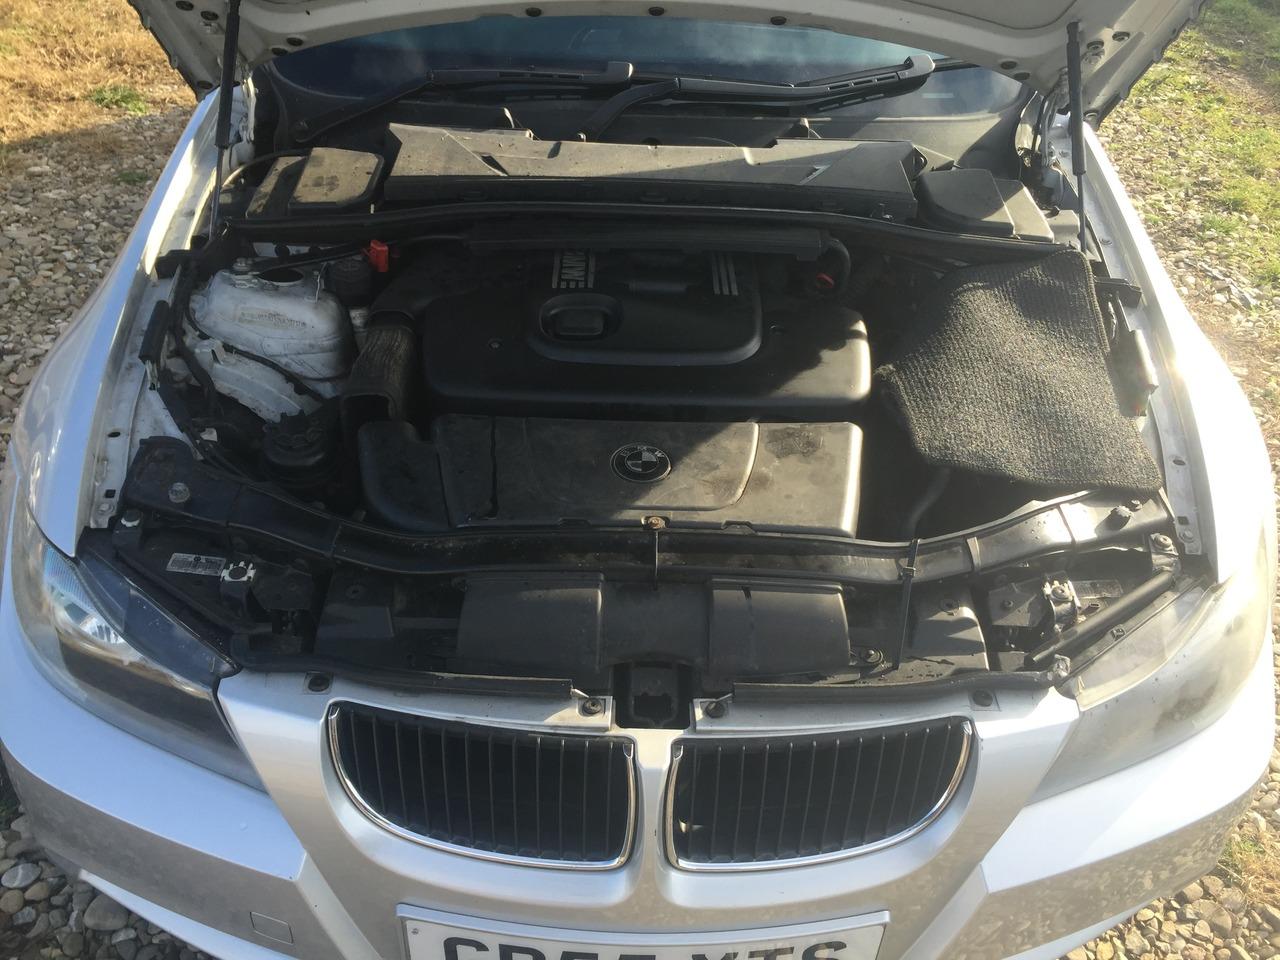 dezmembrez bmw e90 e91 320d 163 cp m power bara far capota usa  motor turbina injectoare airbag